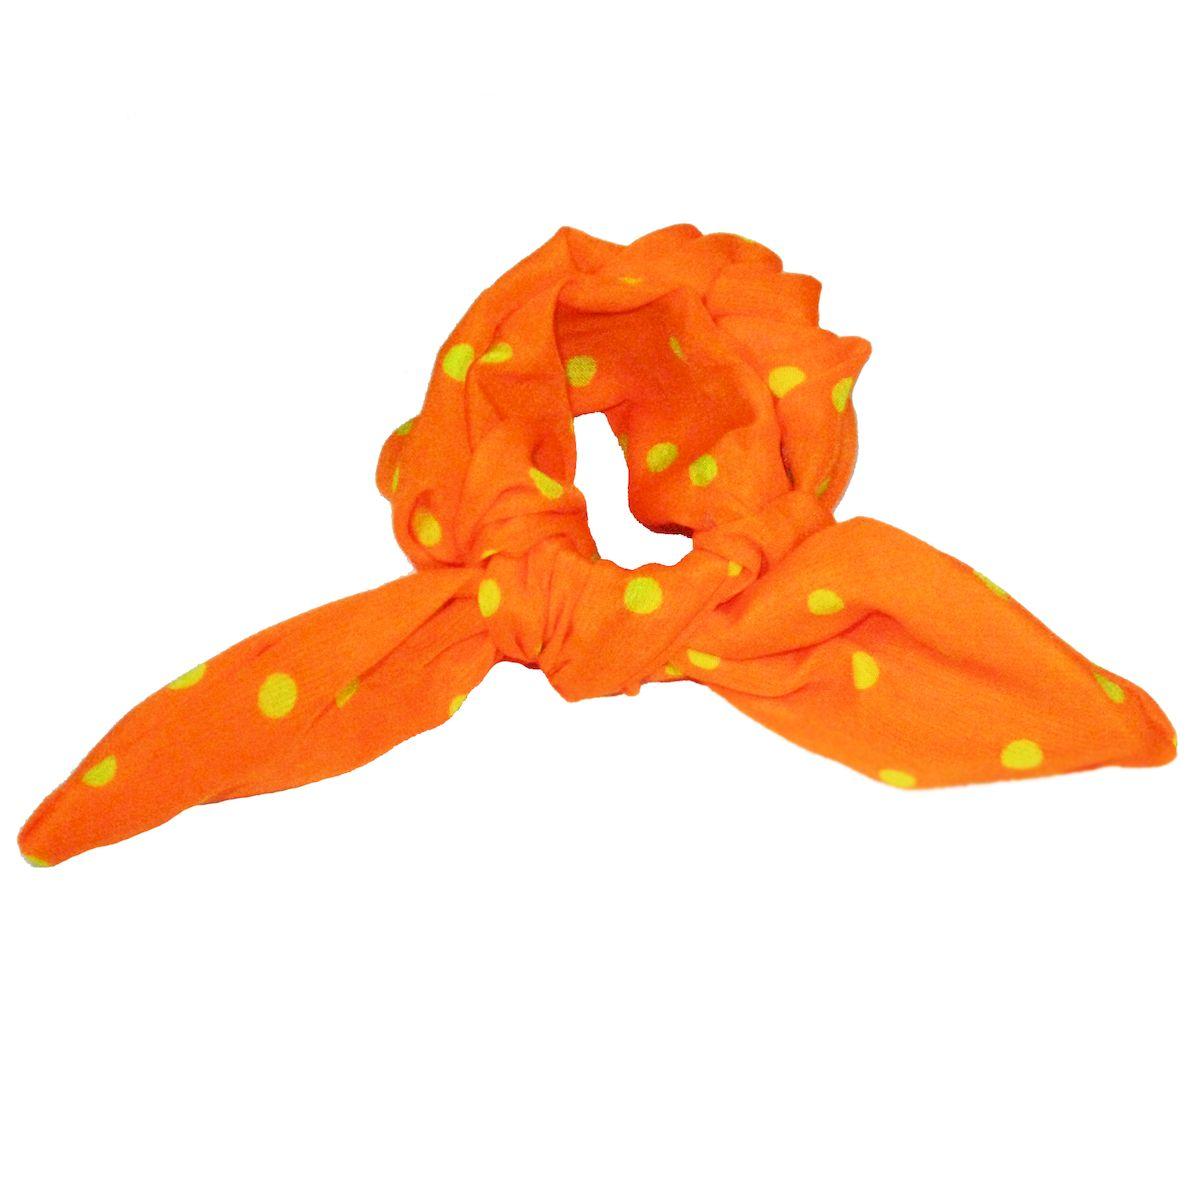 Hairagami Заколка Хеагами горох (ЗХг), оранжеваяЗХг_оЗаколки для волос Хеагами - это салон у вас дома! Создавайте разнообразные прически при помощи этого комплекта. Авторские заколки для моделирования и дизайна причесок.